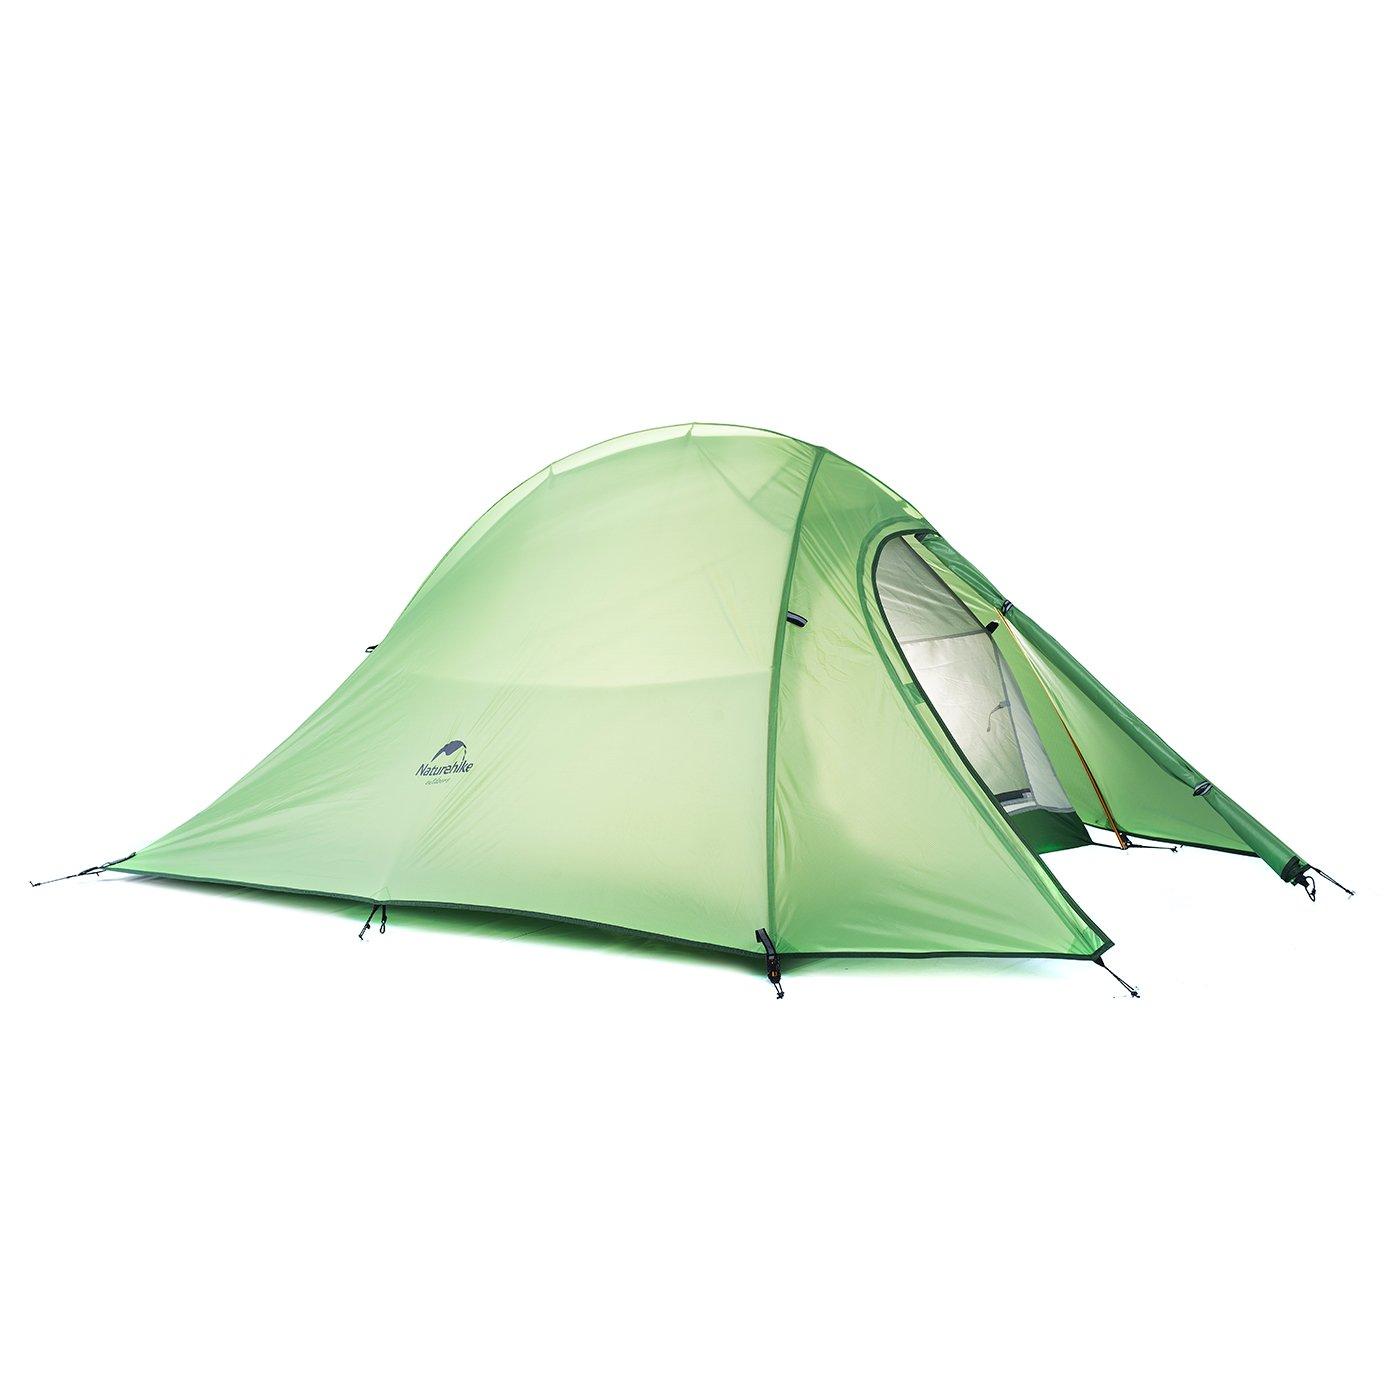 Naturehike Cloud-up Tente Ultra légère Randonnée 2 Personnes Double Couche Tente 4 Saison Camping Tente product image